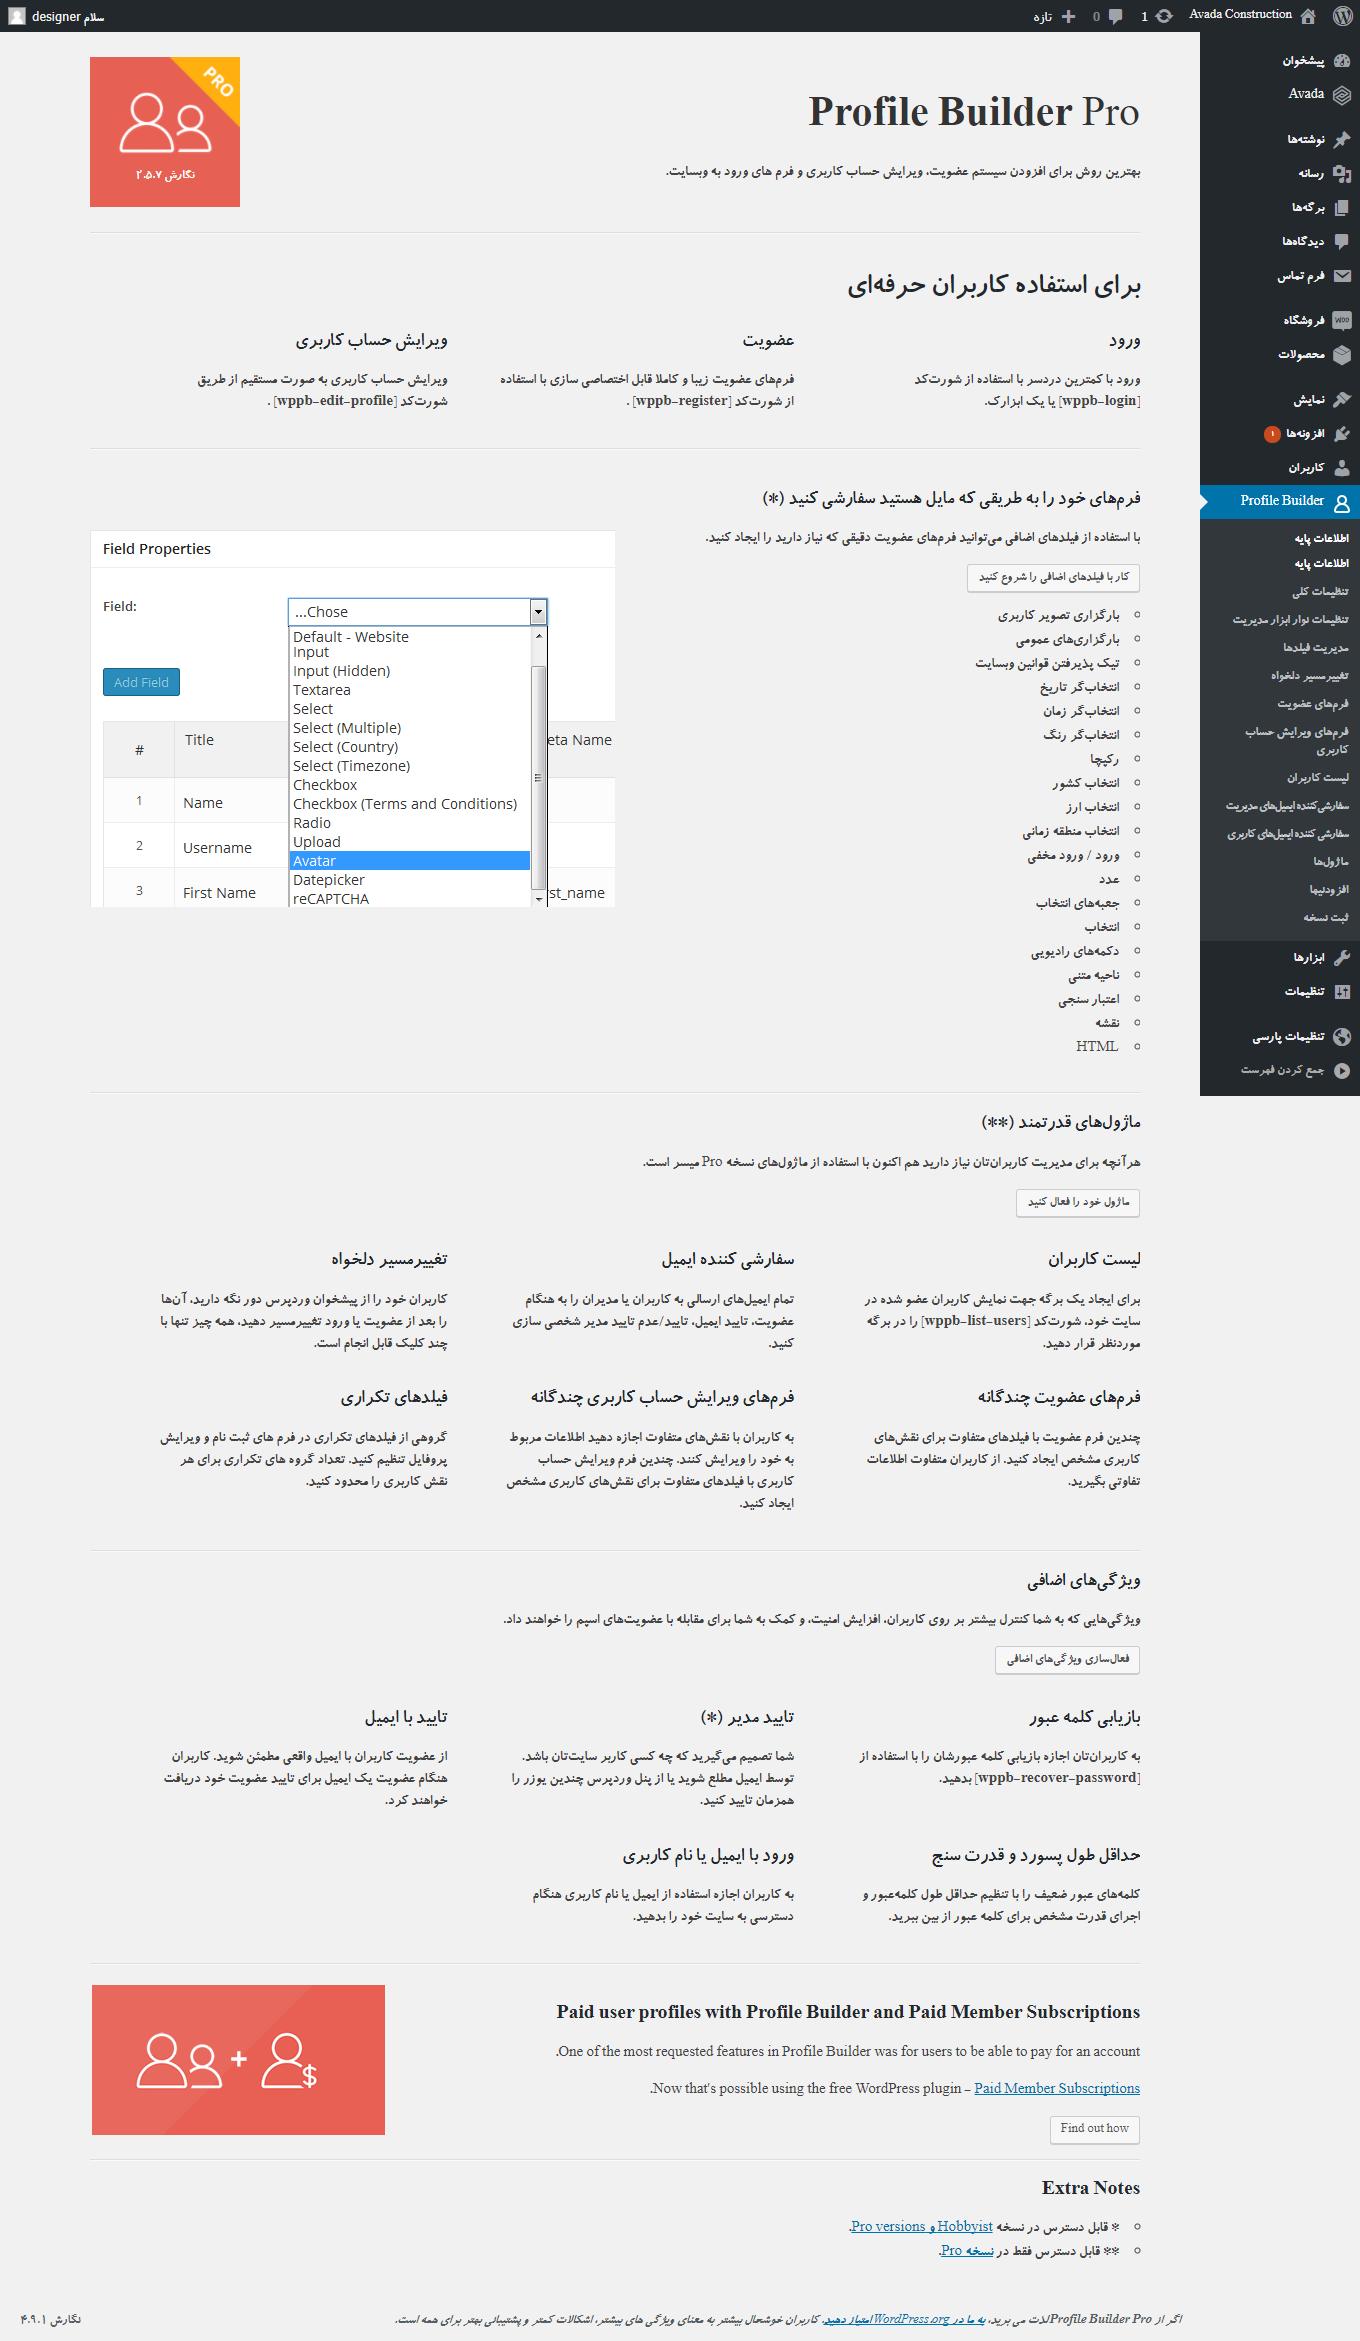 افزونه پروفایل ساز حرفه ای Profile Builder Pro